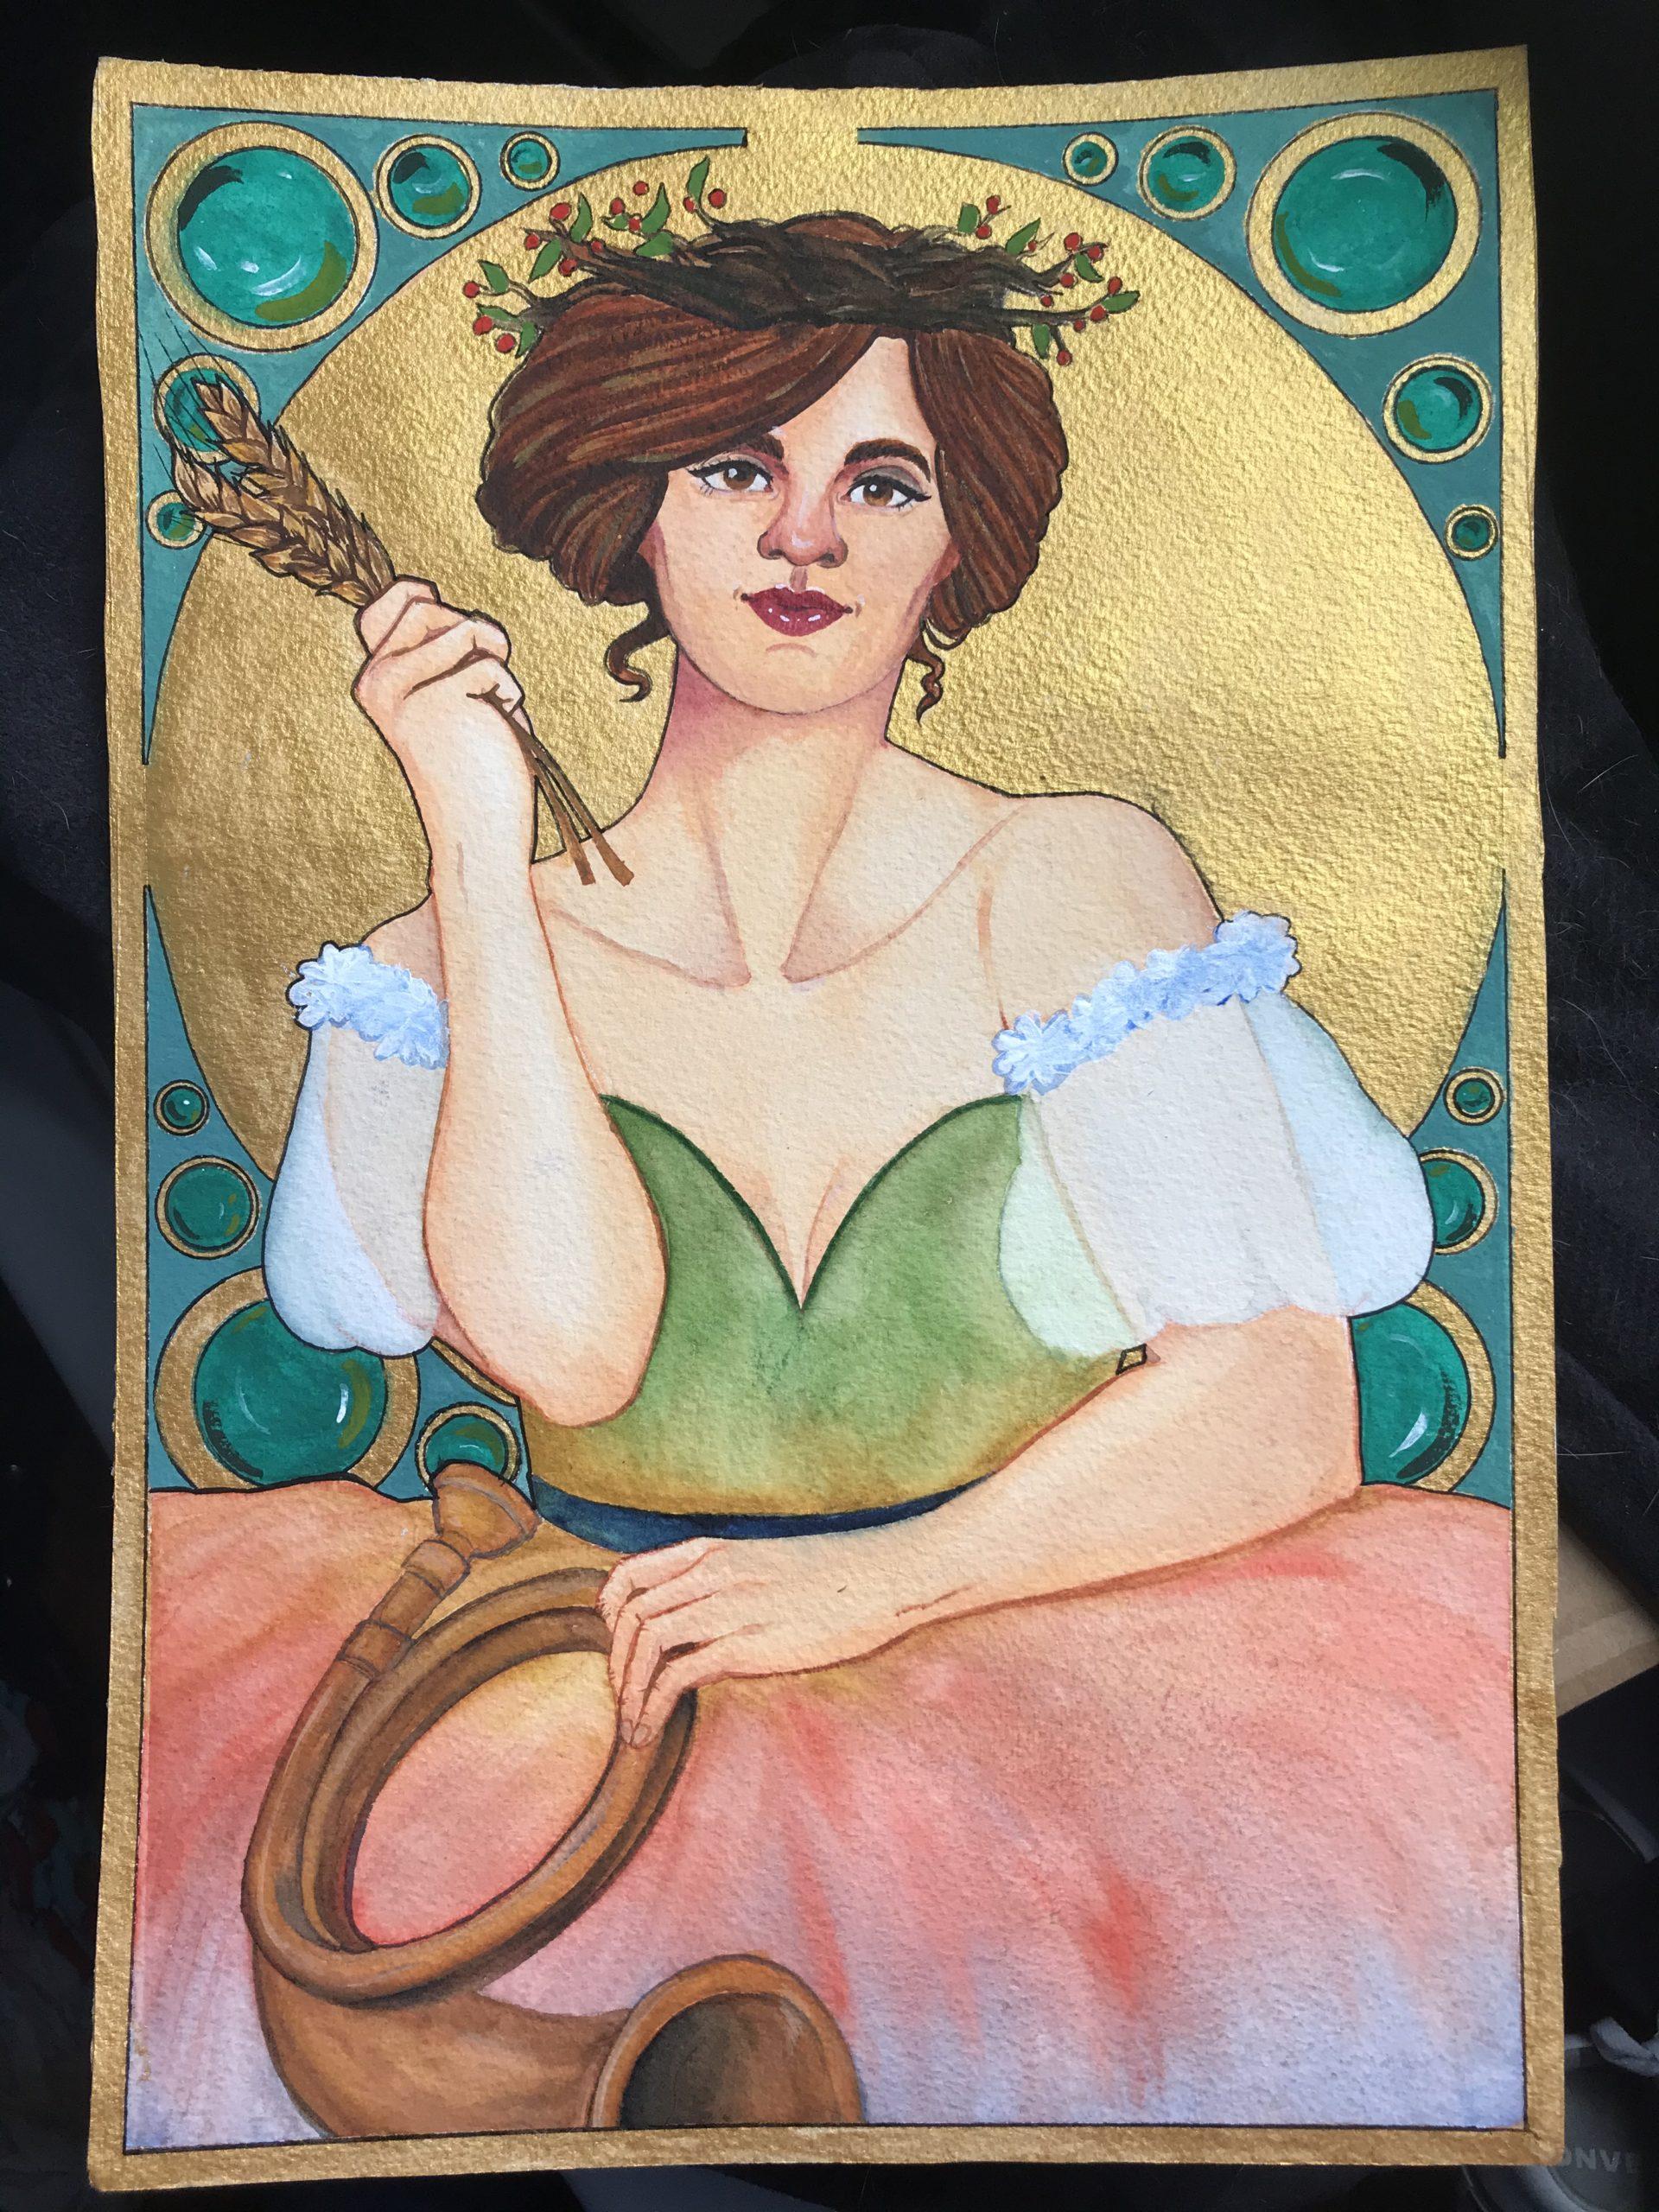 Vivaldi Four Seasons student artwork from MassArt, Hayden Brayton